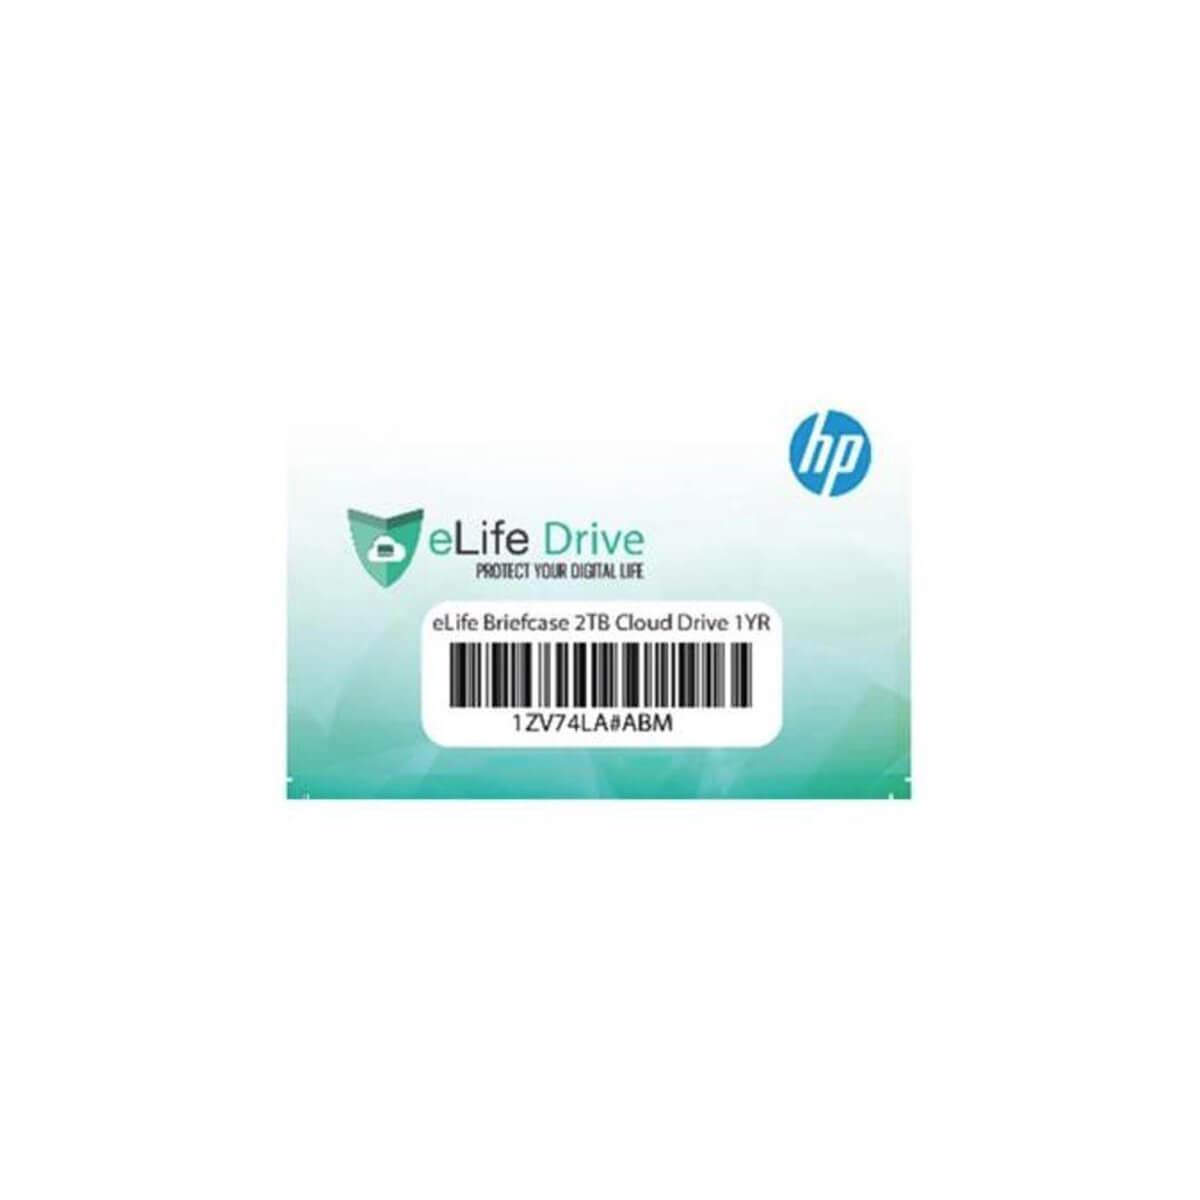 Certificado-02